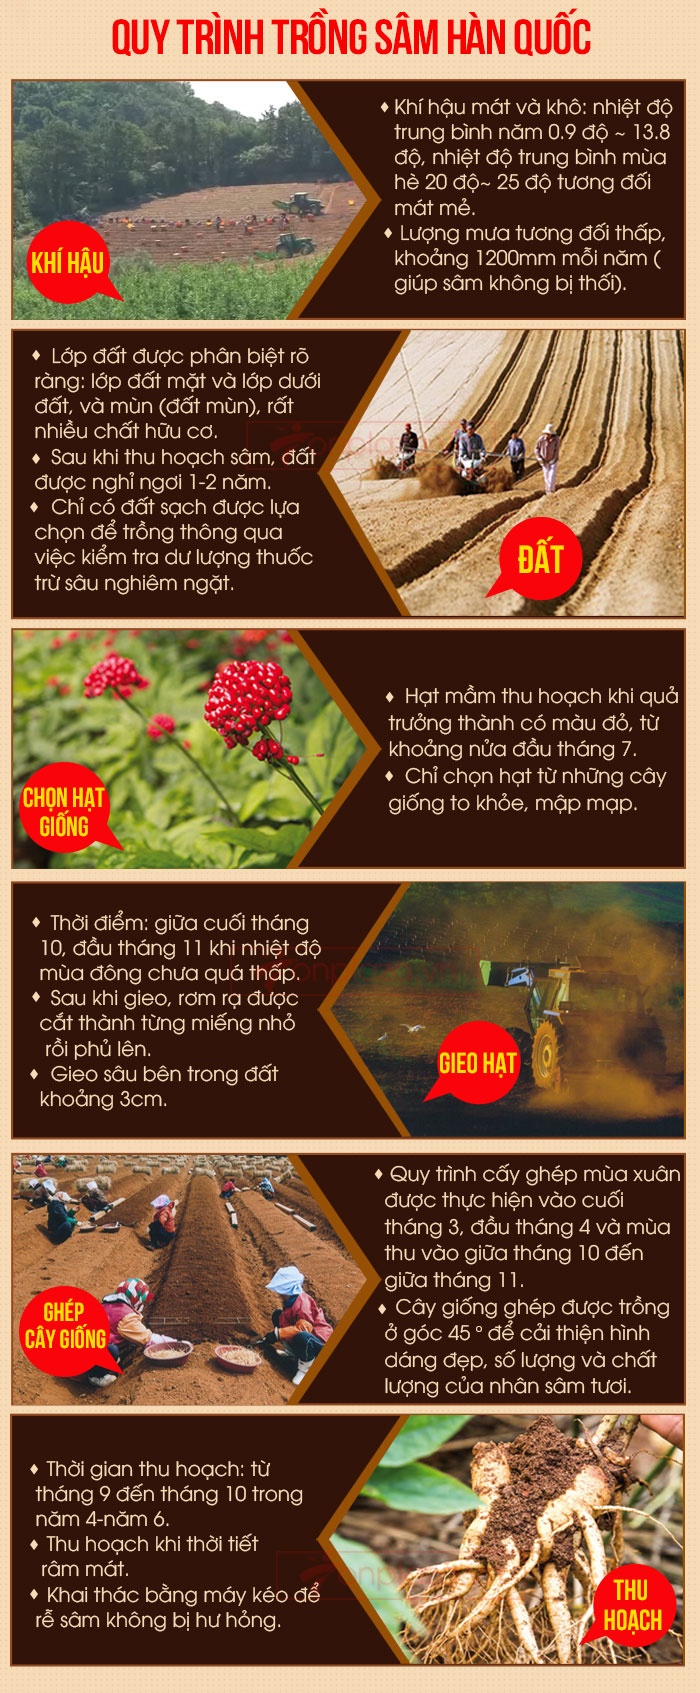 quy trình trồng nhân sâm